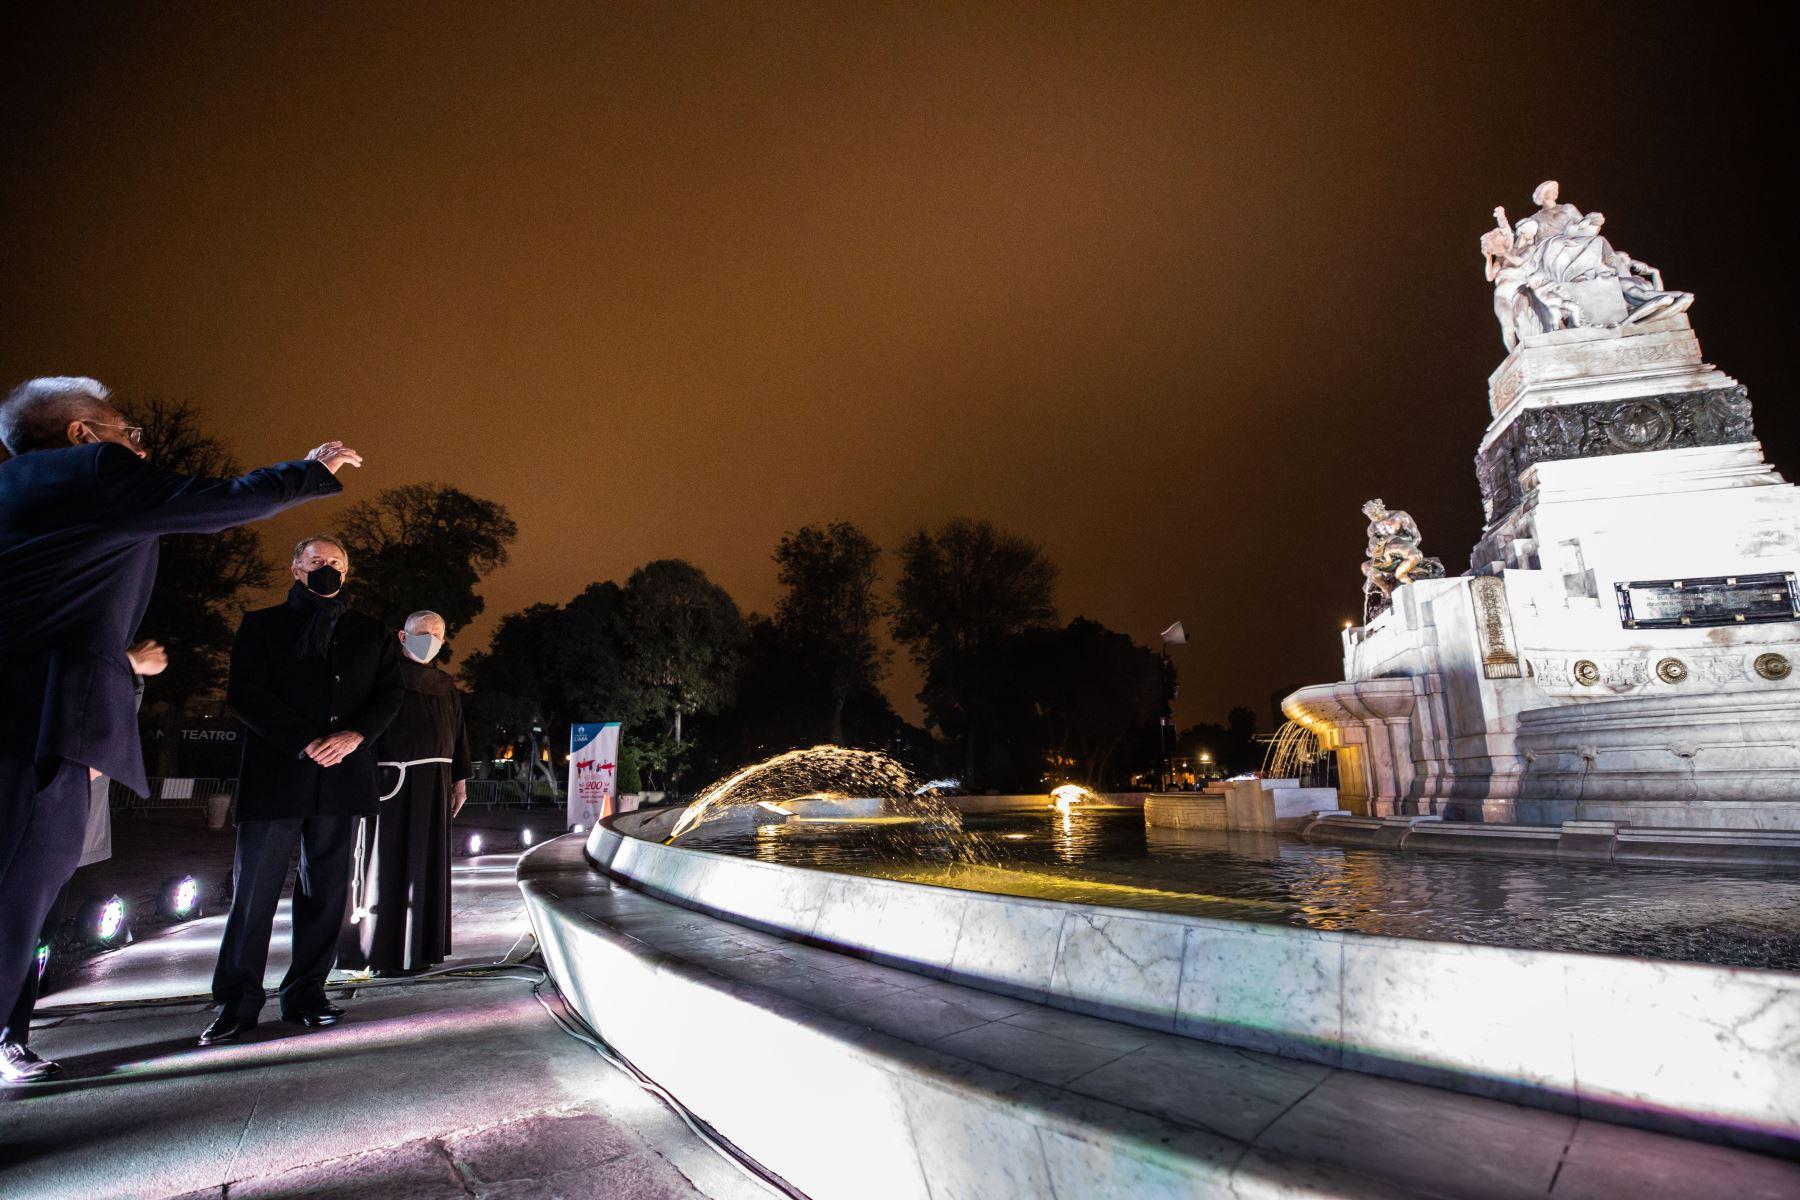 Esta reliquia de mármol blanco fue donada por la colonia china que emigró al país, cuya primera piedra fue colocada en 1921.Fue el regalo de China a Perú por el centenario de la independencia Foto: MML